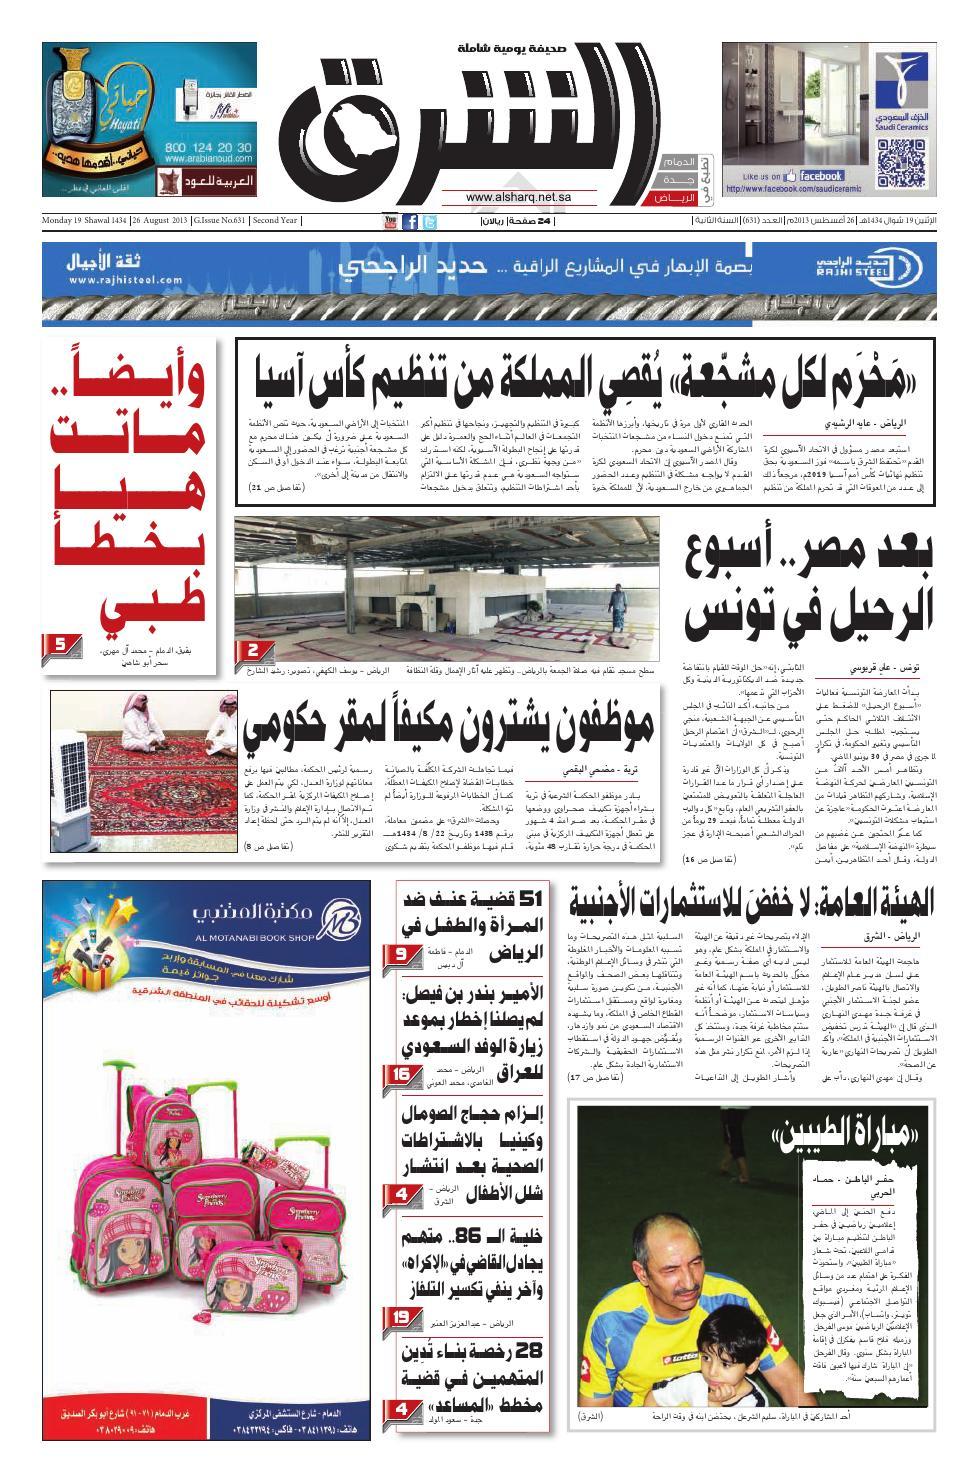 007297bec صحيفة الشرق - العدد 631 - نسخة الرياض by صحيفة الشرق السعودية - issuu